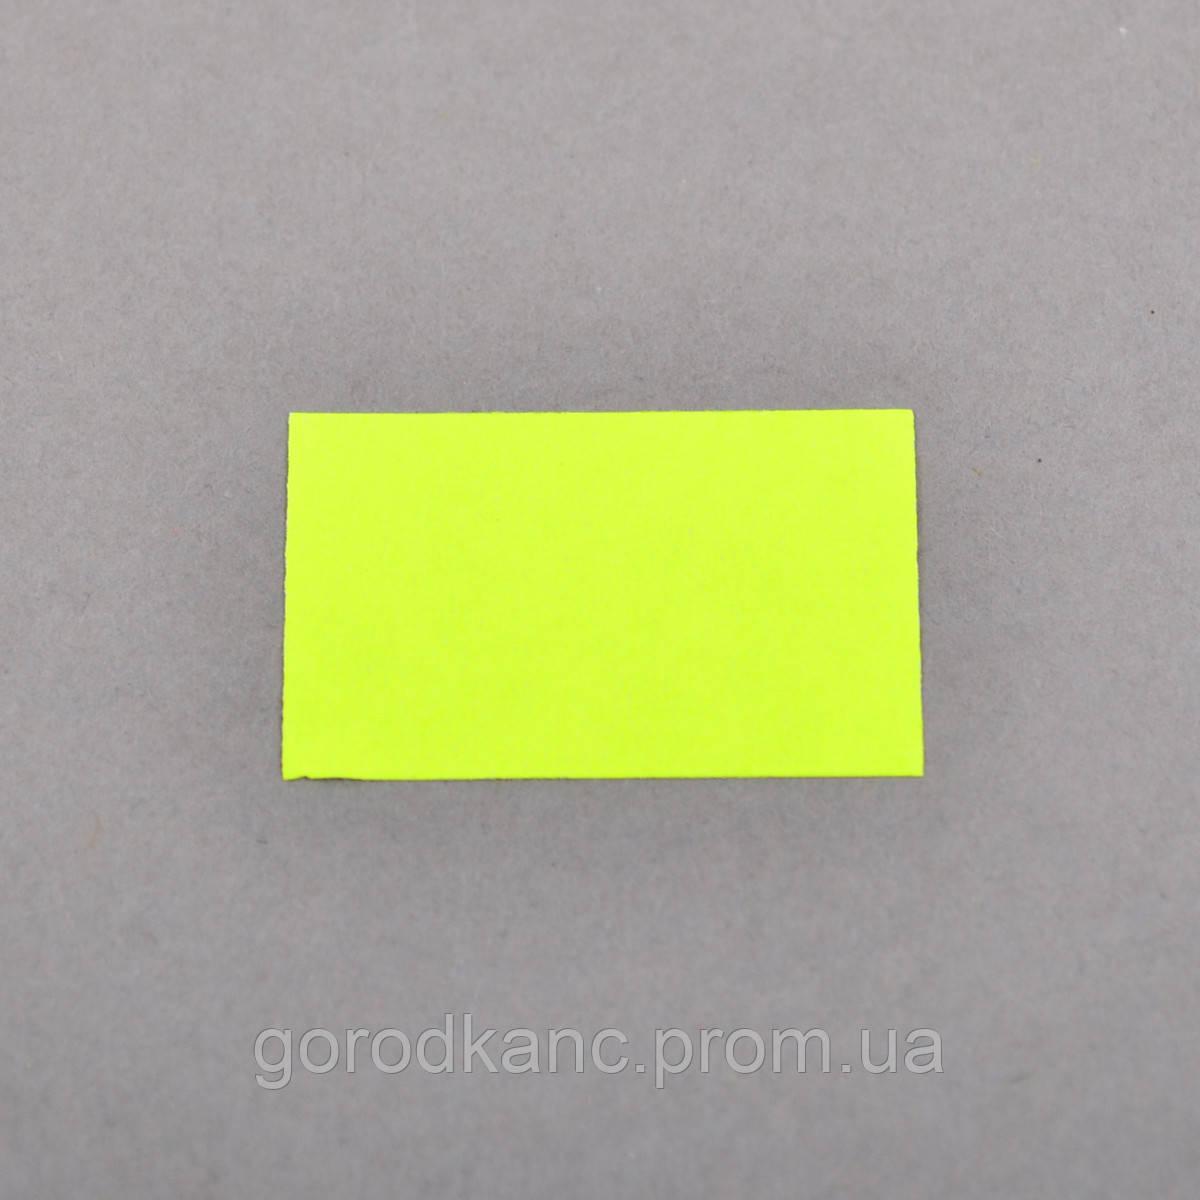 Цінник Datum флюо TCBL2616 5,60м прям.350шт/рол (жовт.) - фото 2